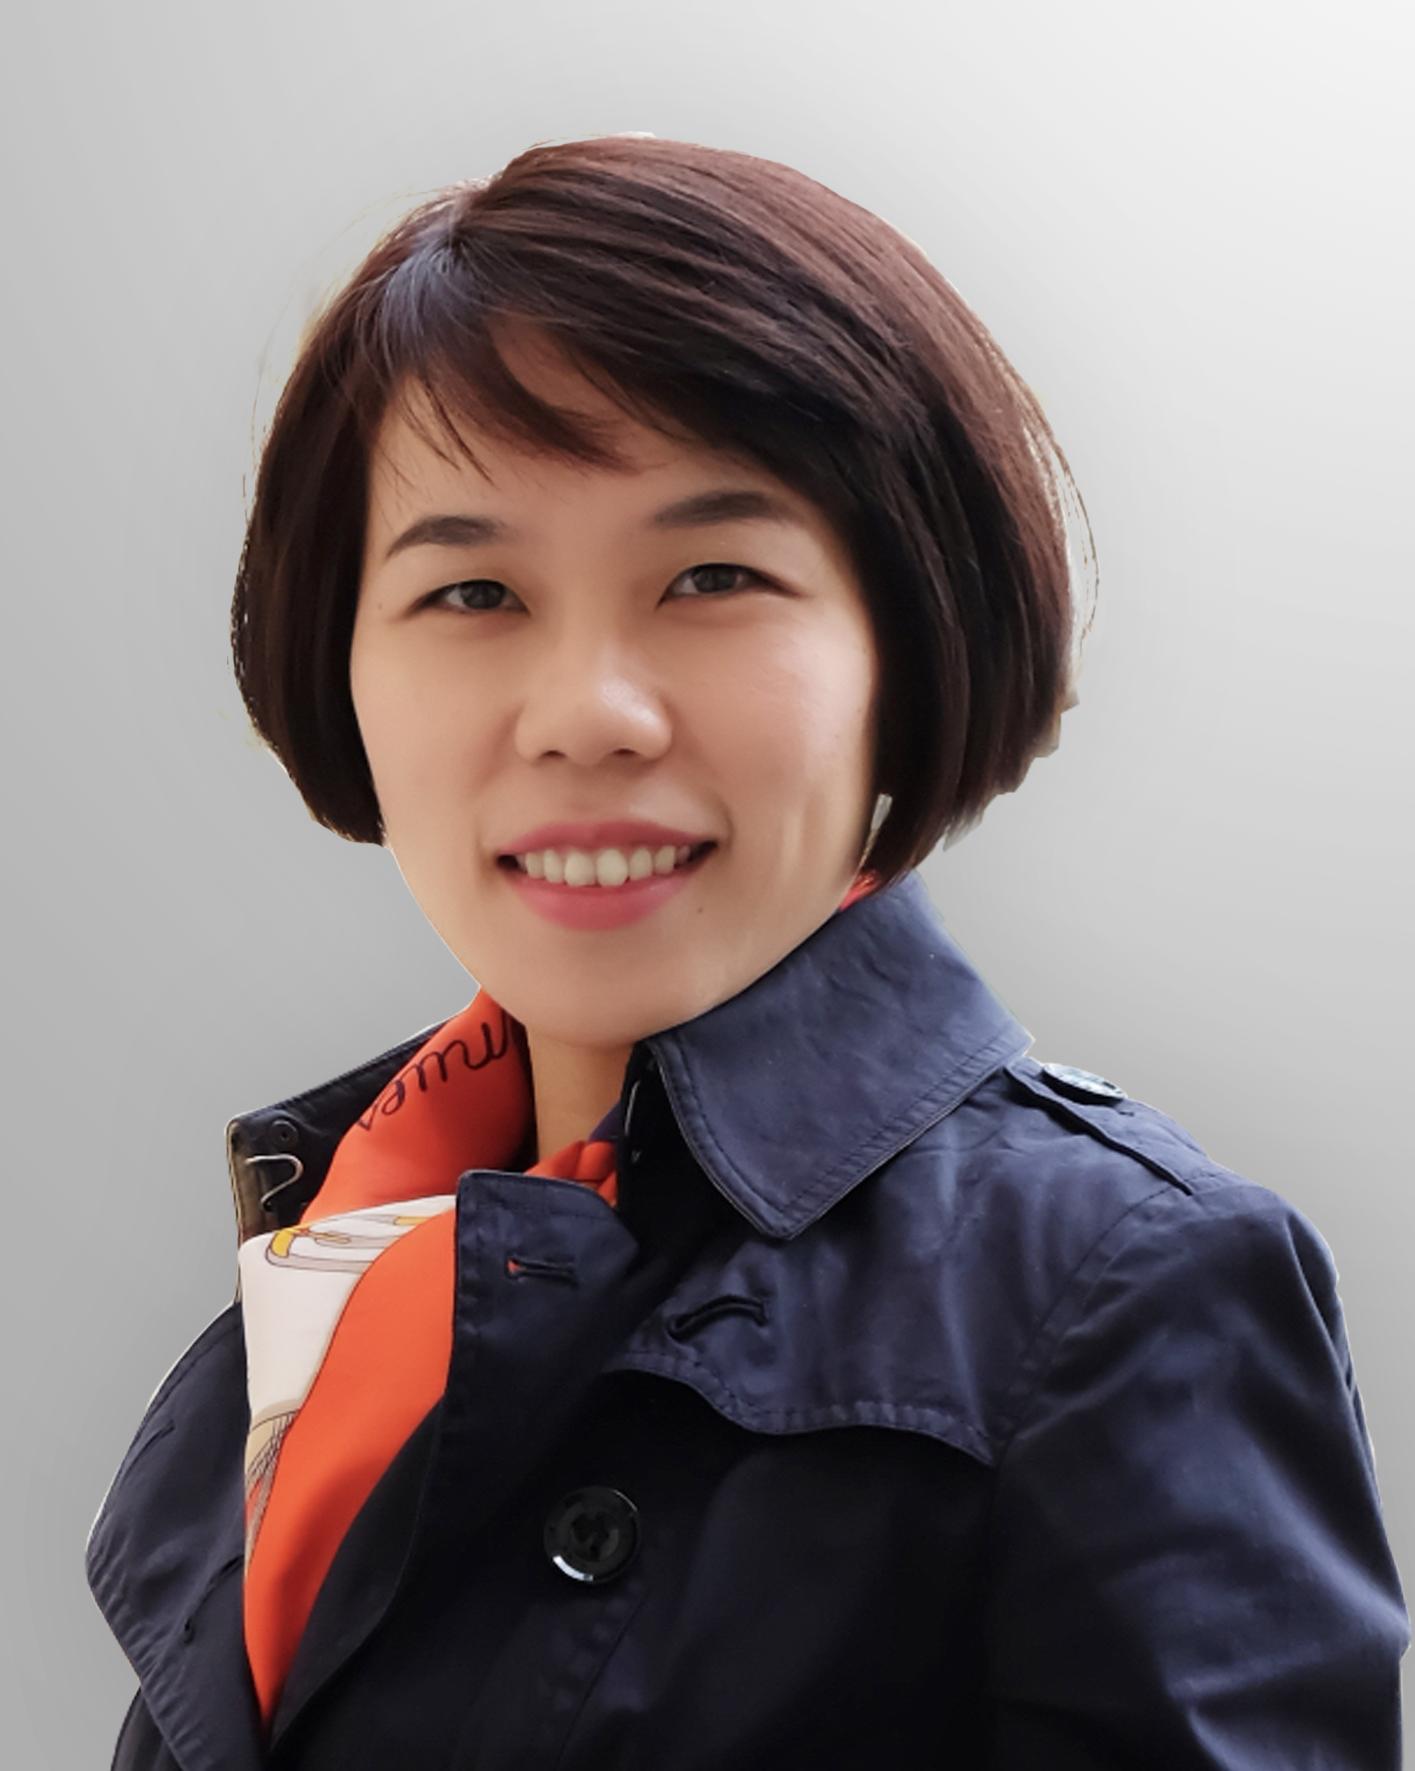 宜人贷财务副总裁刘佳照片